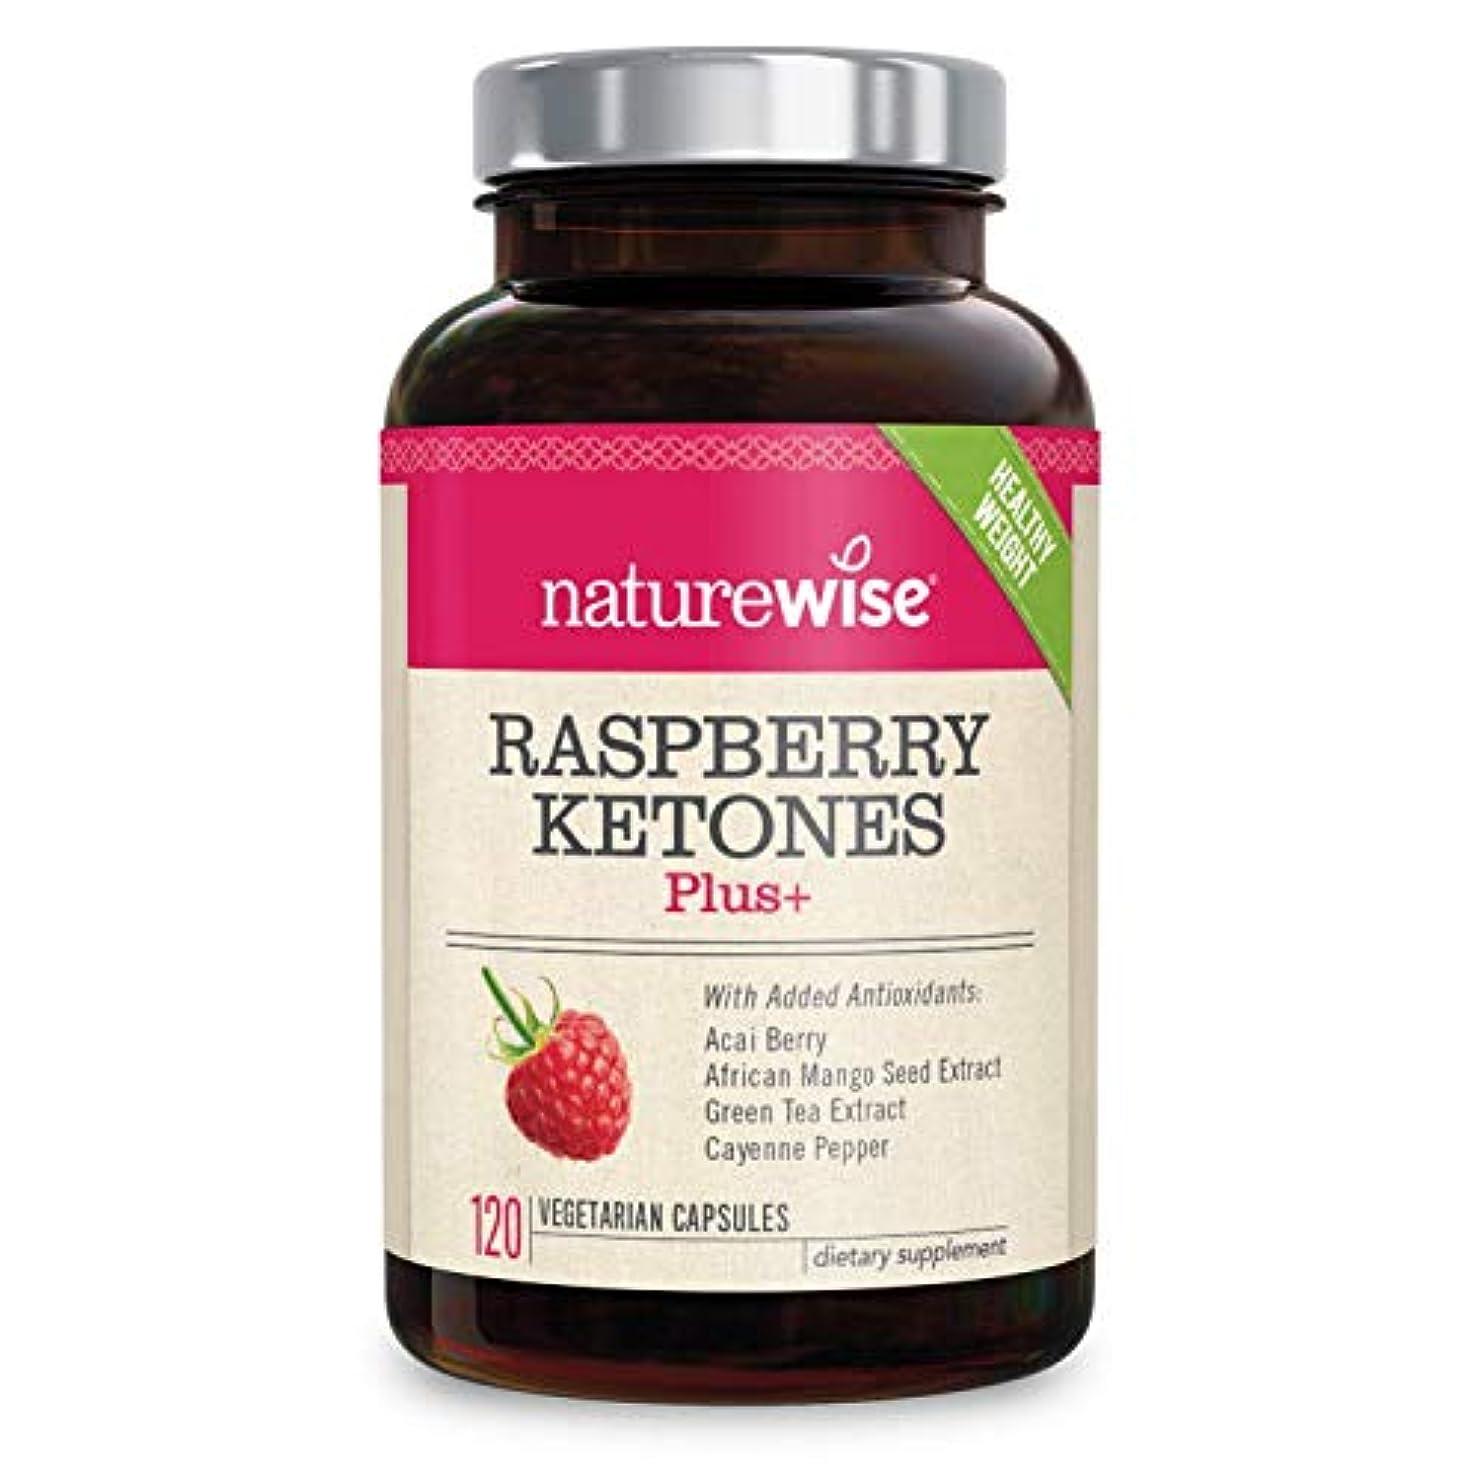 打撃憂慮すべき局NatureWise Raspberry Ketones Plus ラズベリー ケトン プラス ケトジェニック ダイエット サプリ 120粒/60日分 [海外直送品]